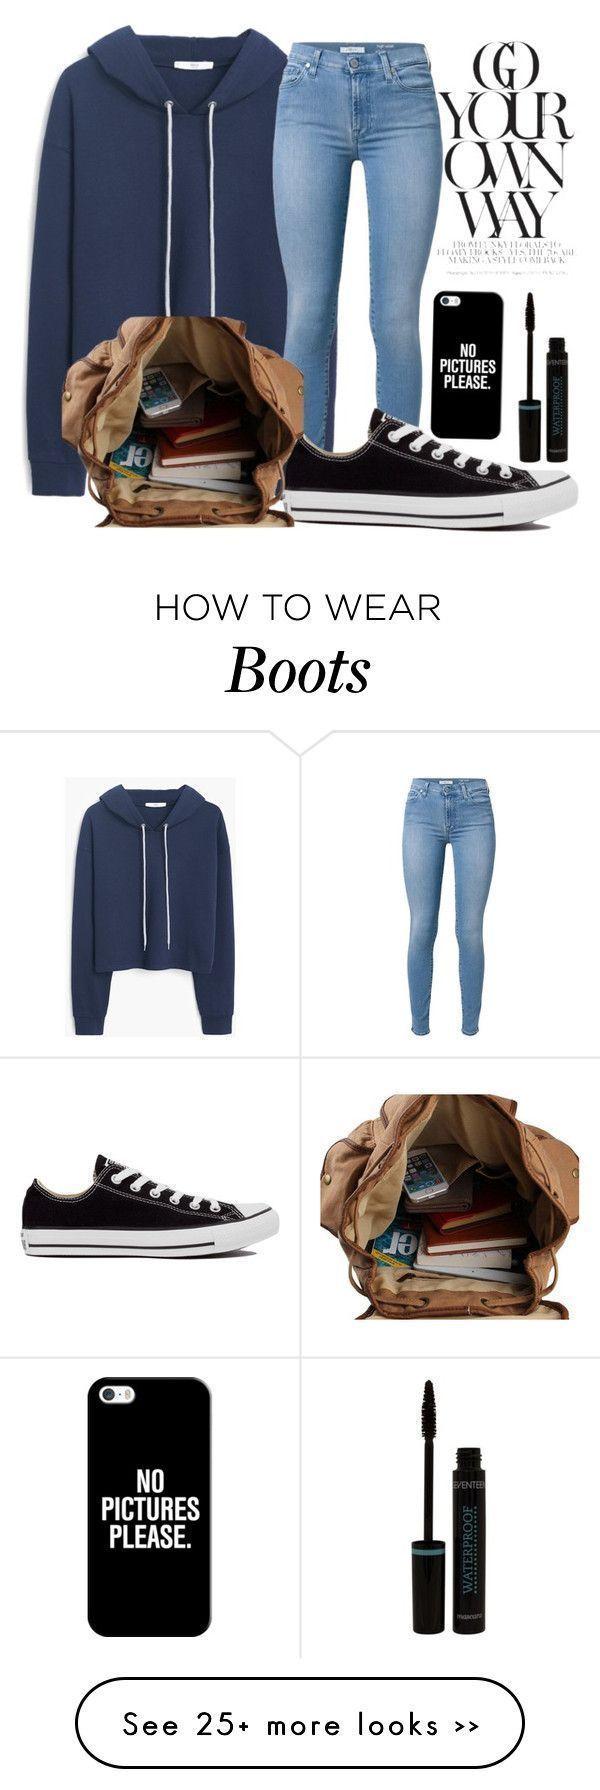 Best 25+ Teen boots ideas on Pinterest | Teen fall outfits, Combat ...